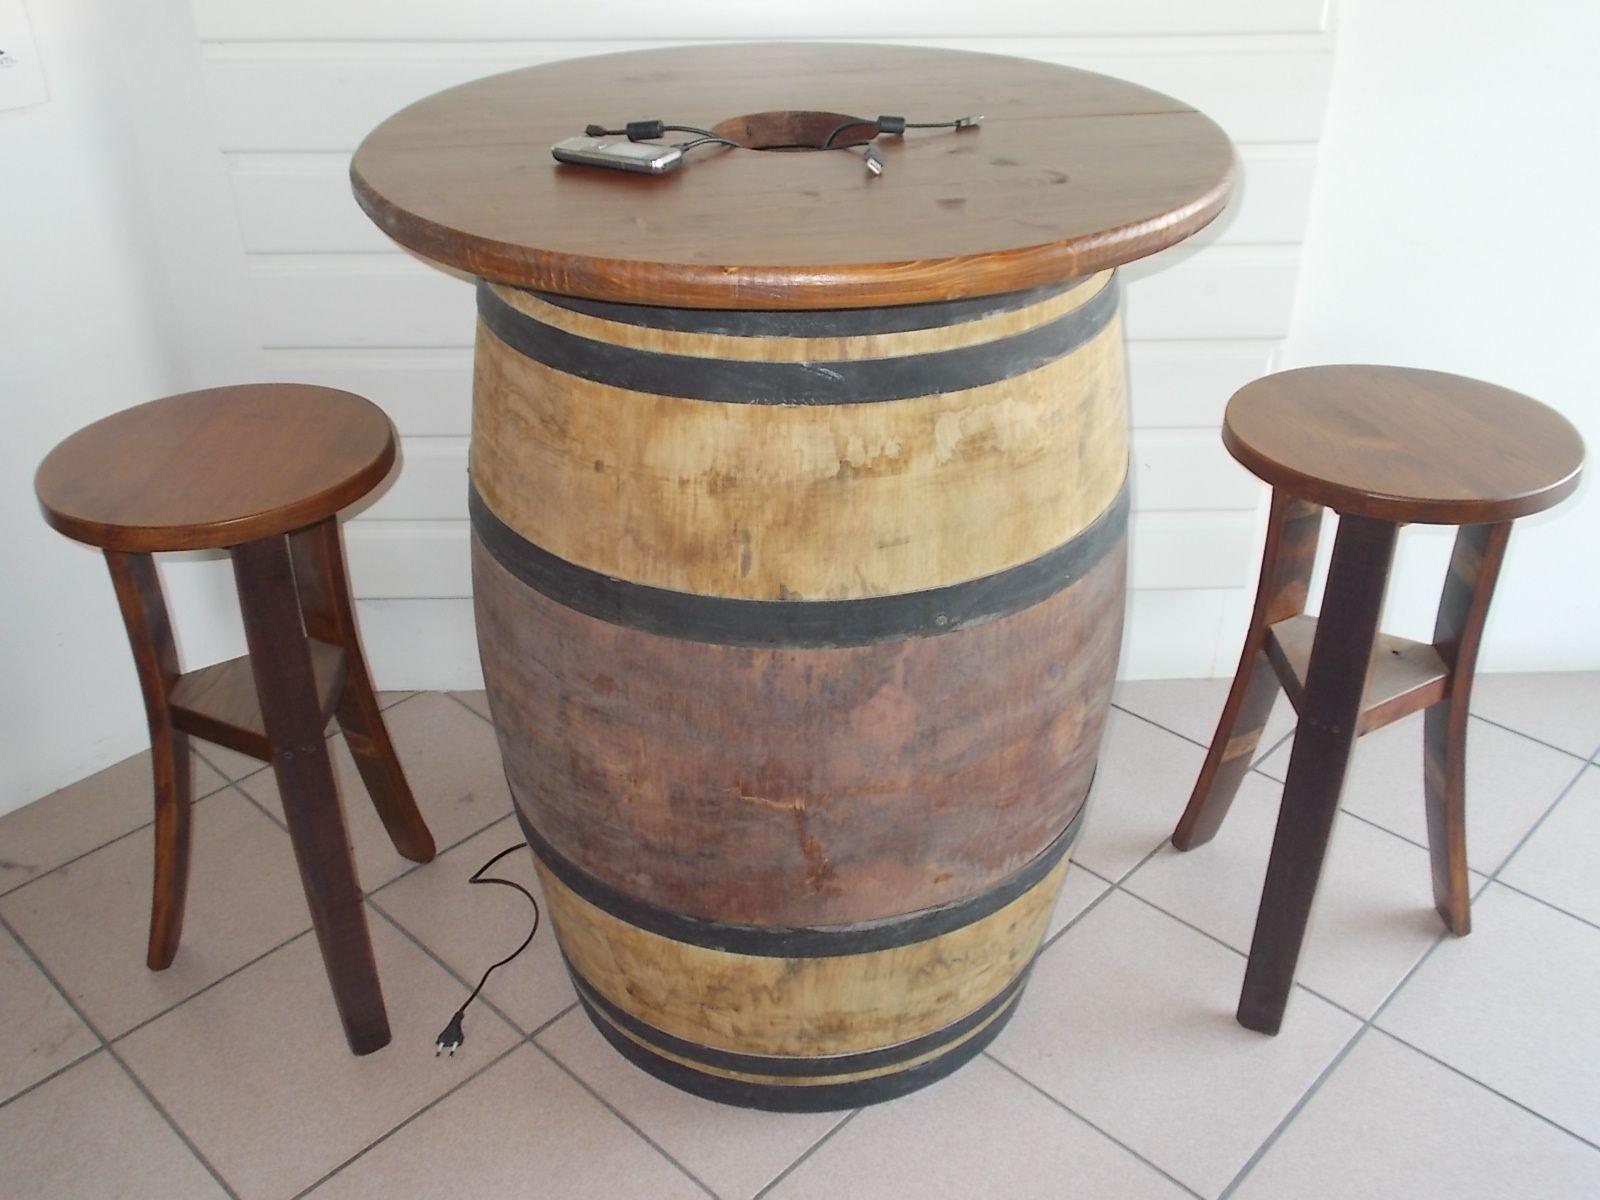 Botte Tavolo ~ 1707 tavolo rustico per pub e bar con modulo a presa multipla per